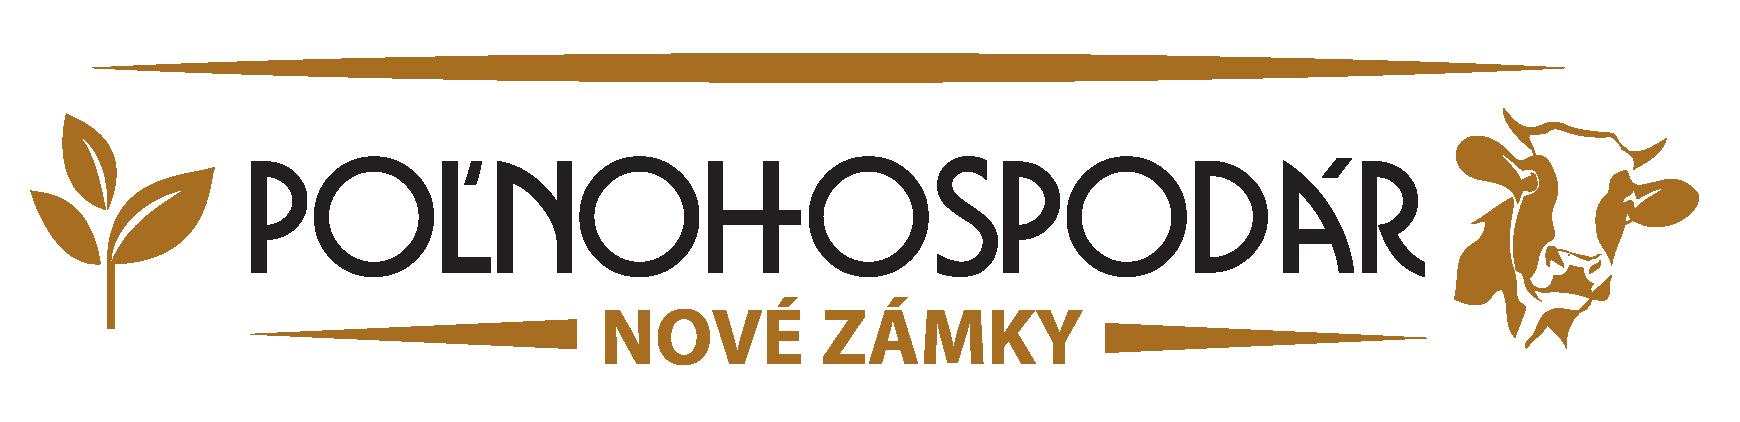 polnoNZ new logo 2-01